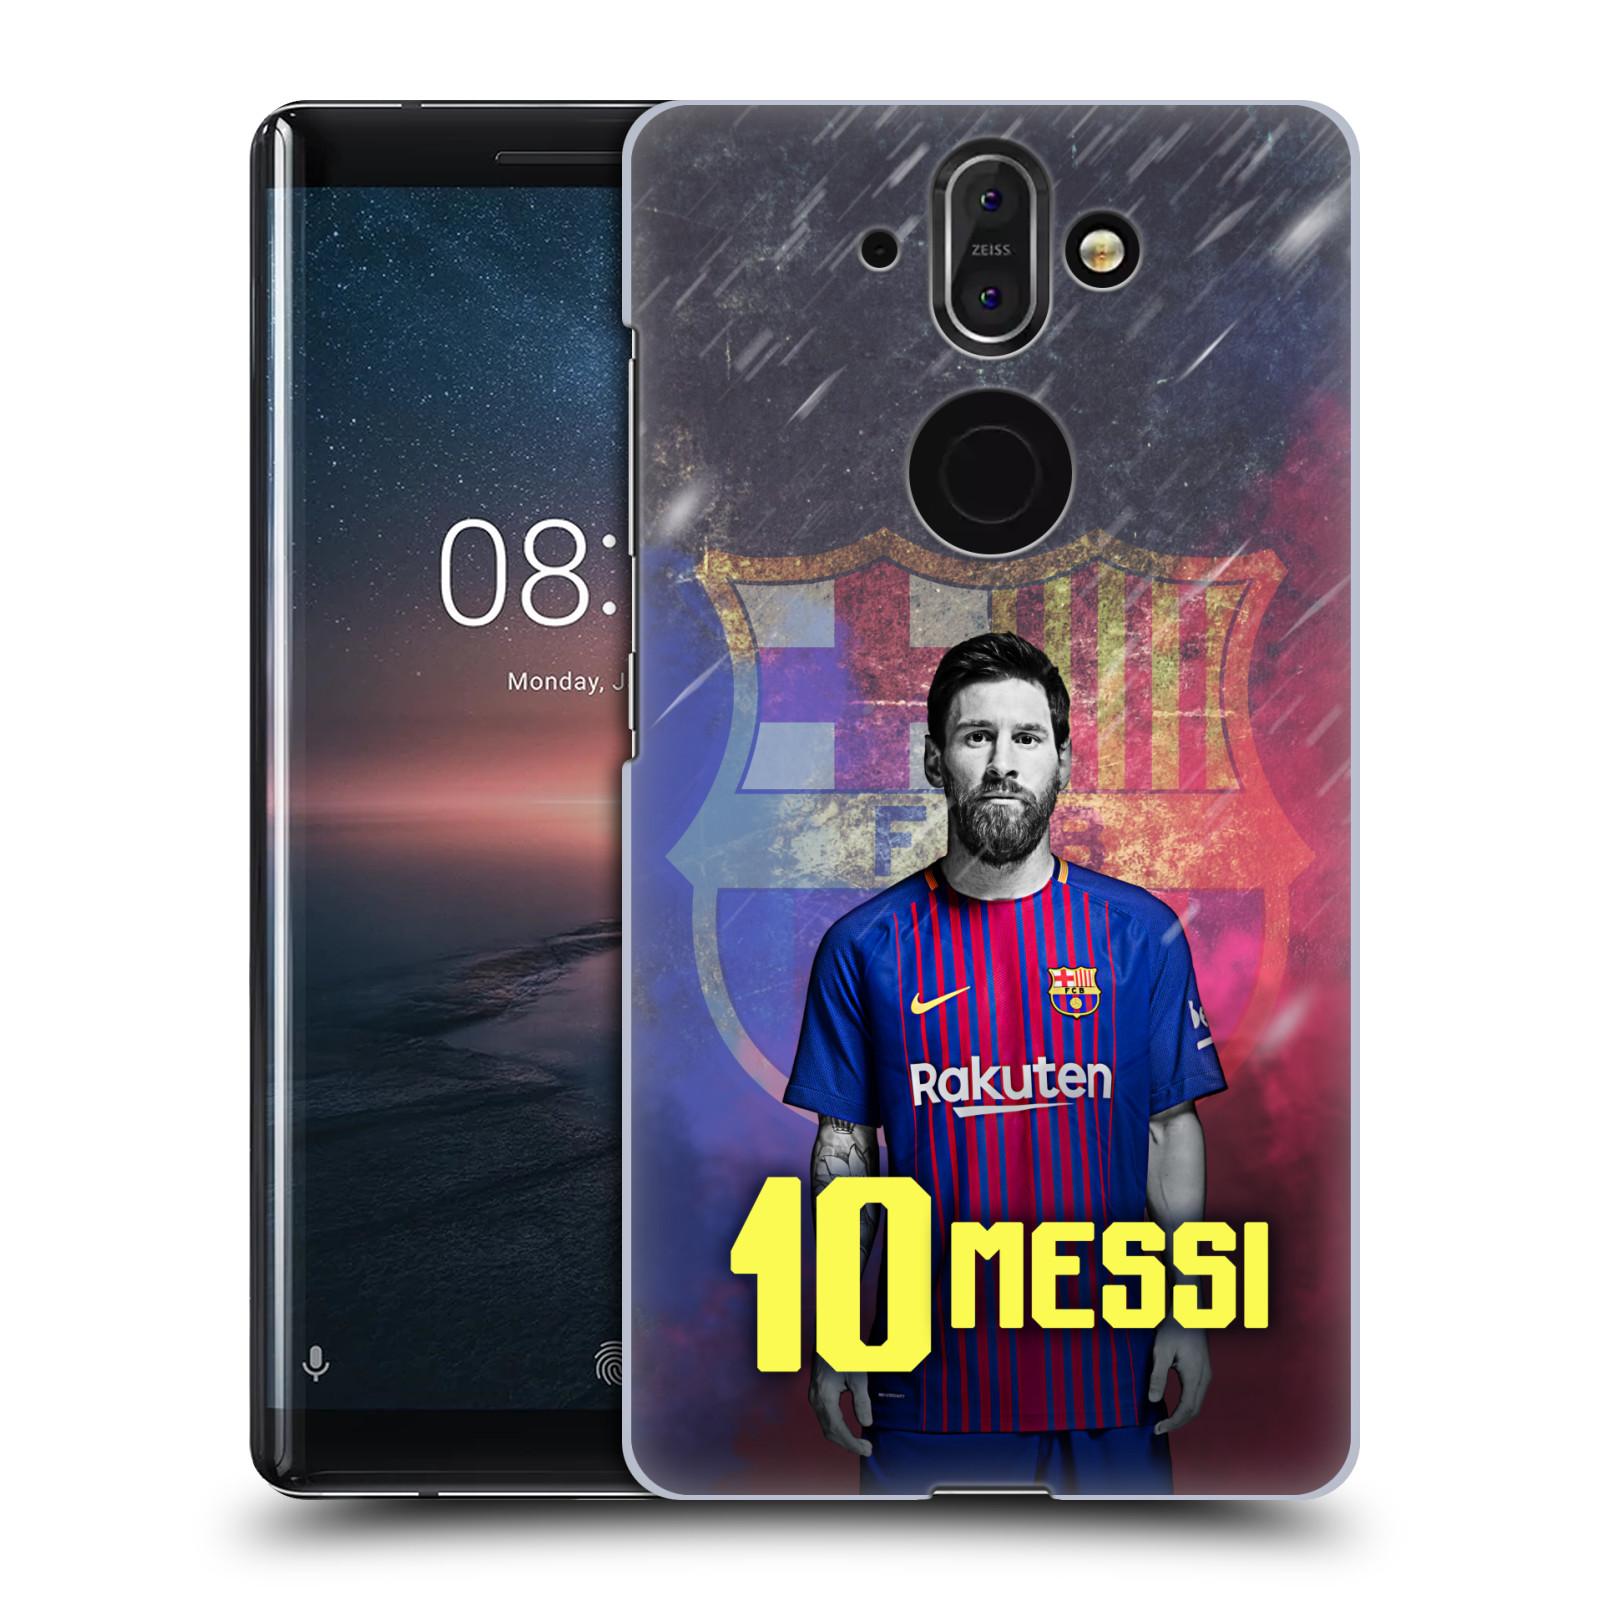 Plastové pouzdro na mobil Nokia 8 Sirocco - Head Case - FC Barcelona - Lionel Messi 10